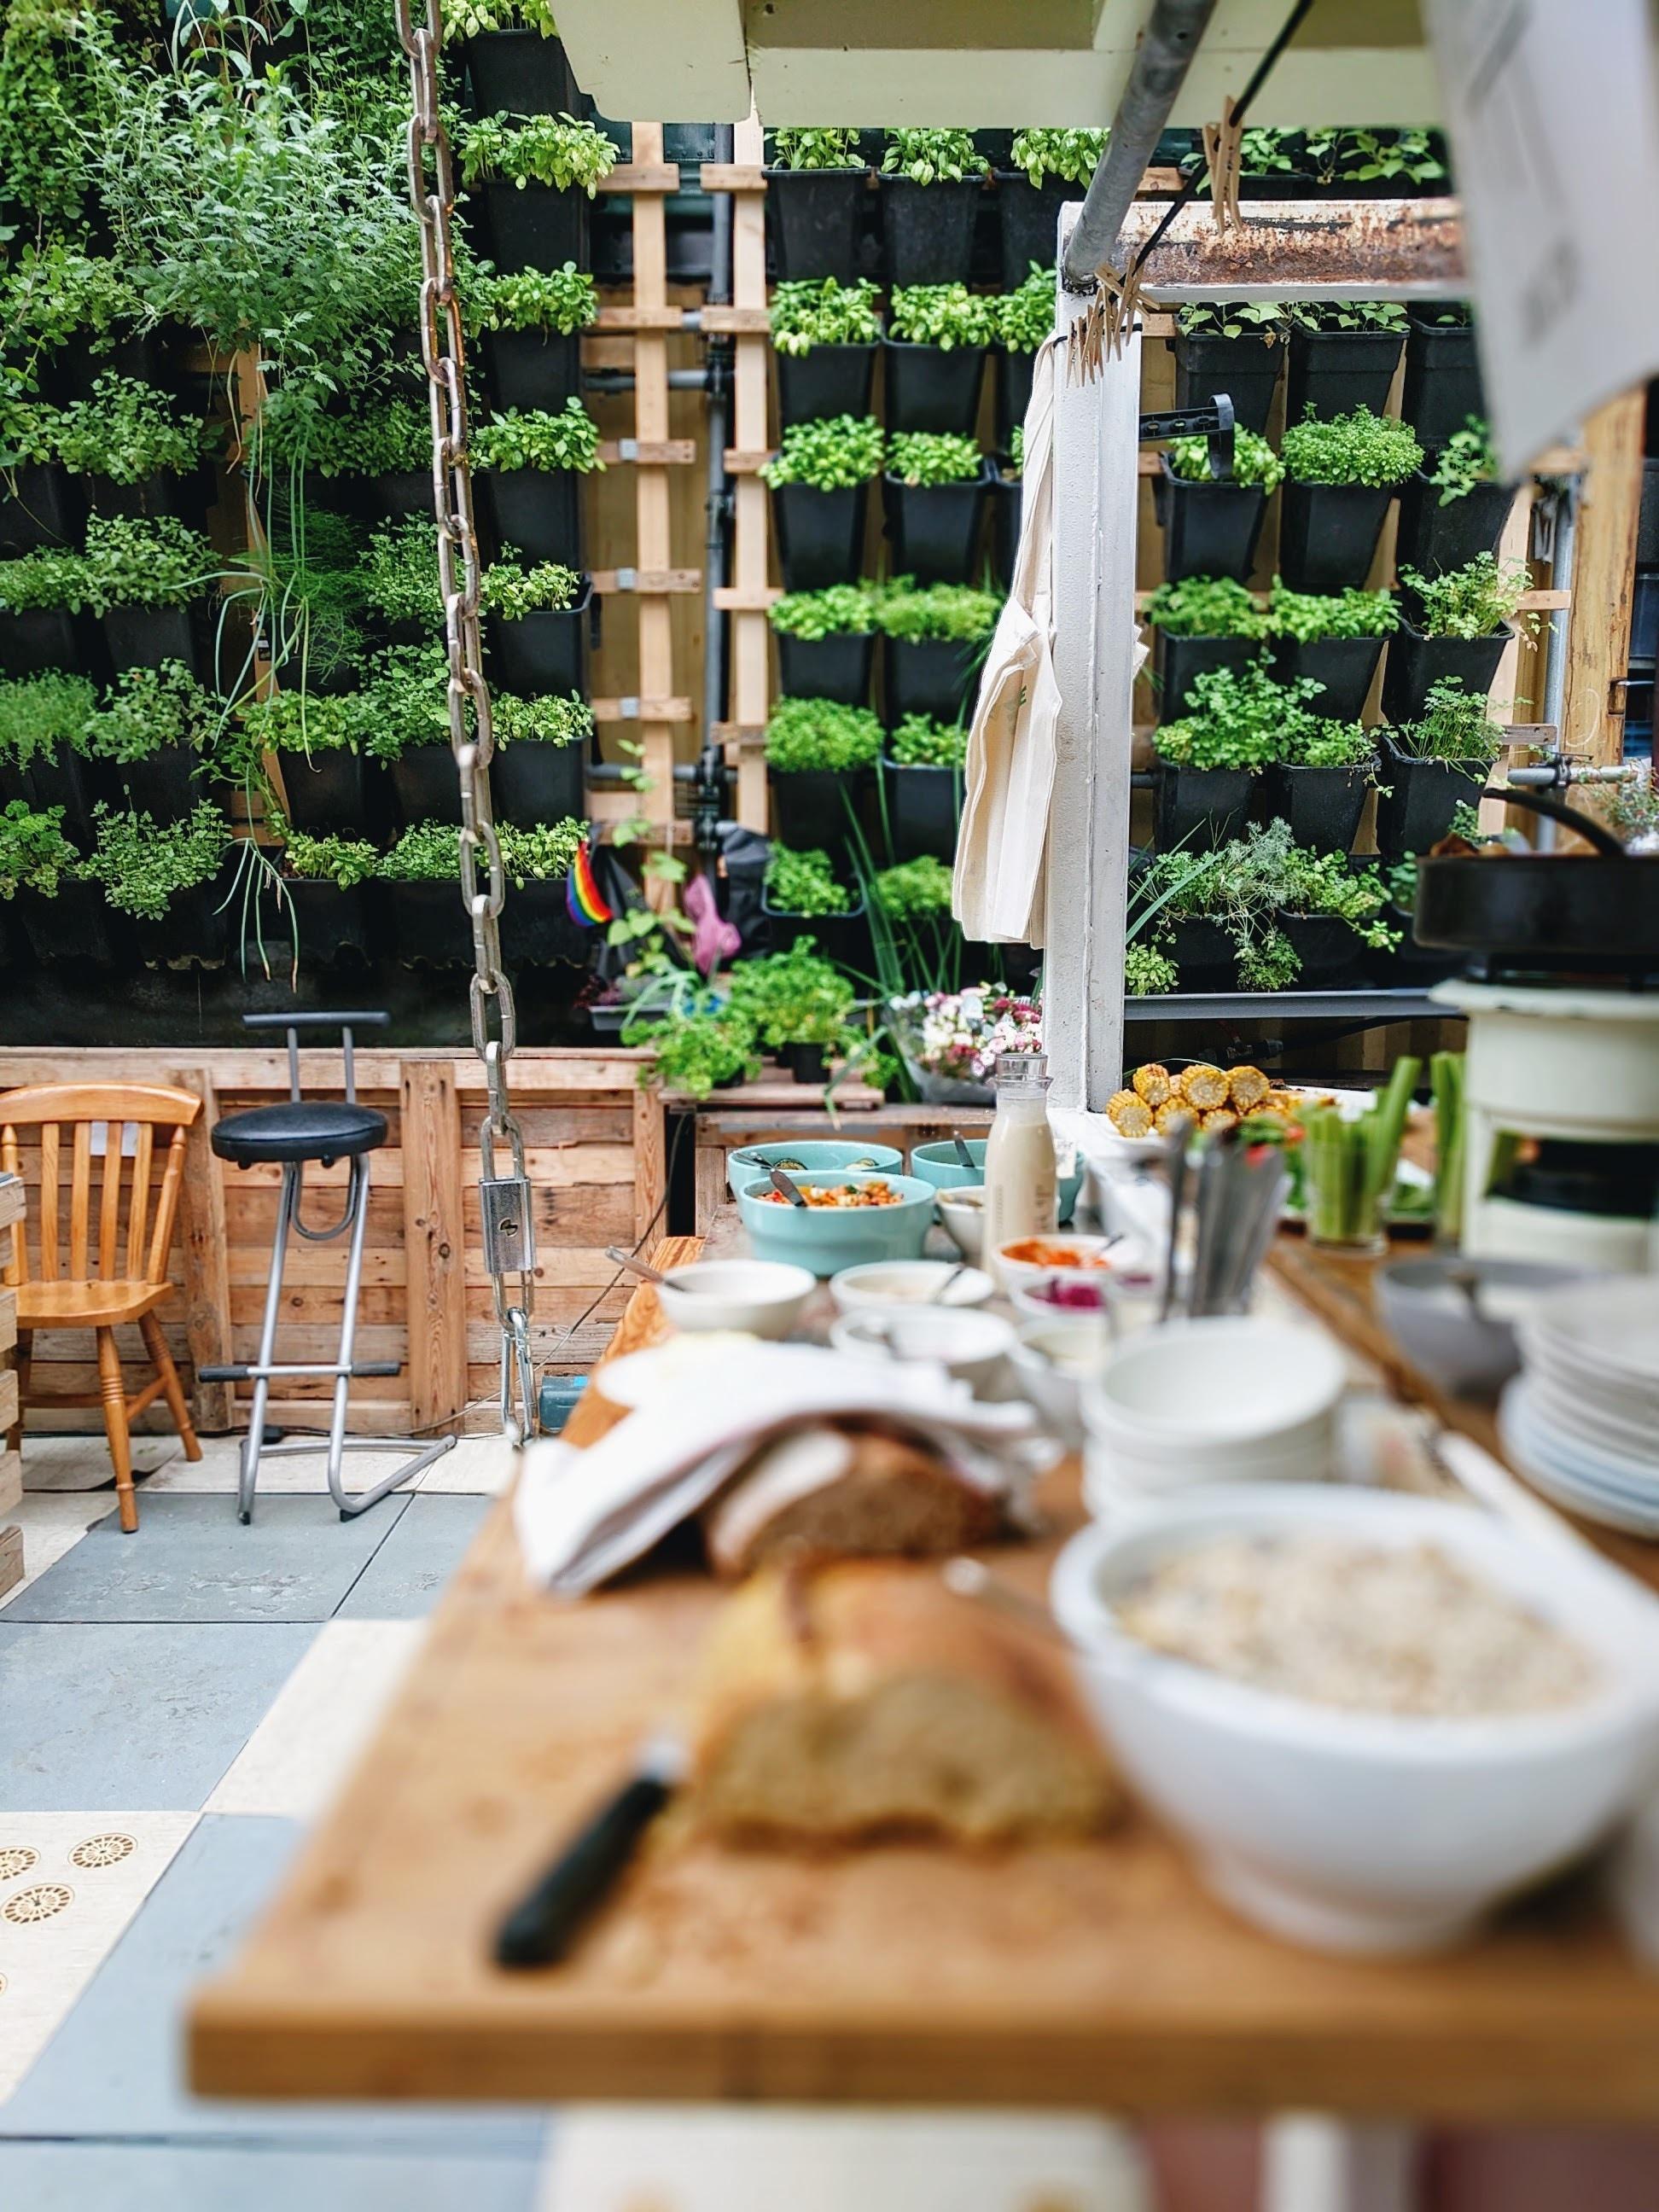 Coltivare In Casa Piante Aromatiche coltivazione idroponica: come coltivare le erbe aromatiche